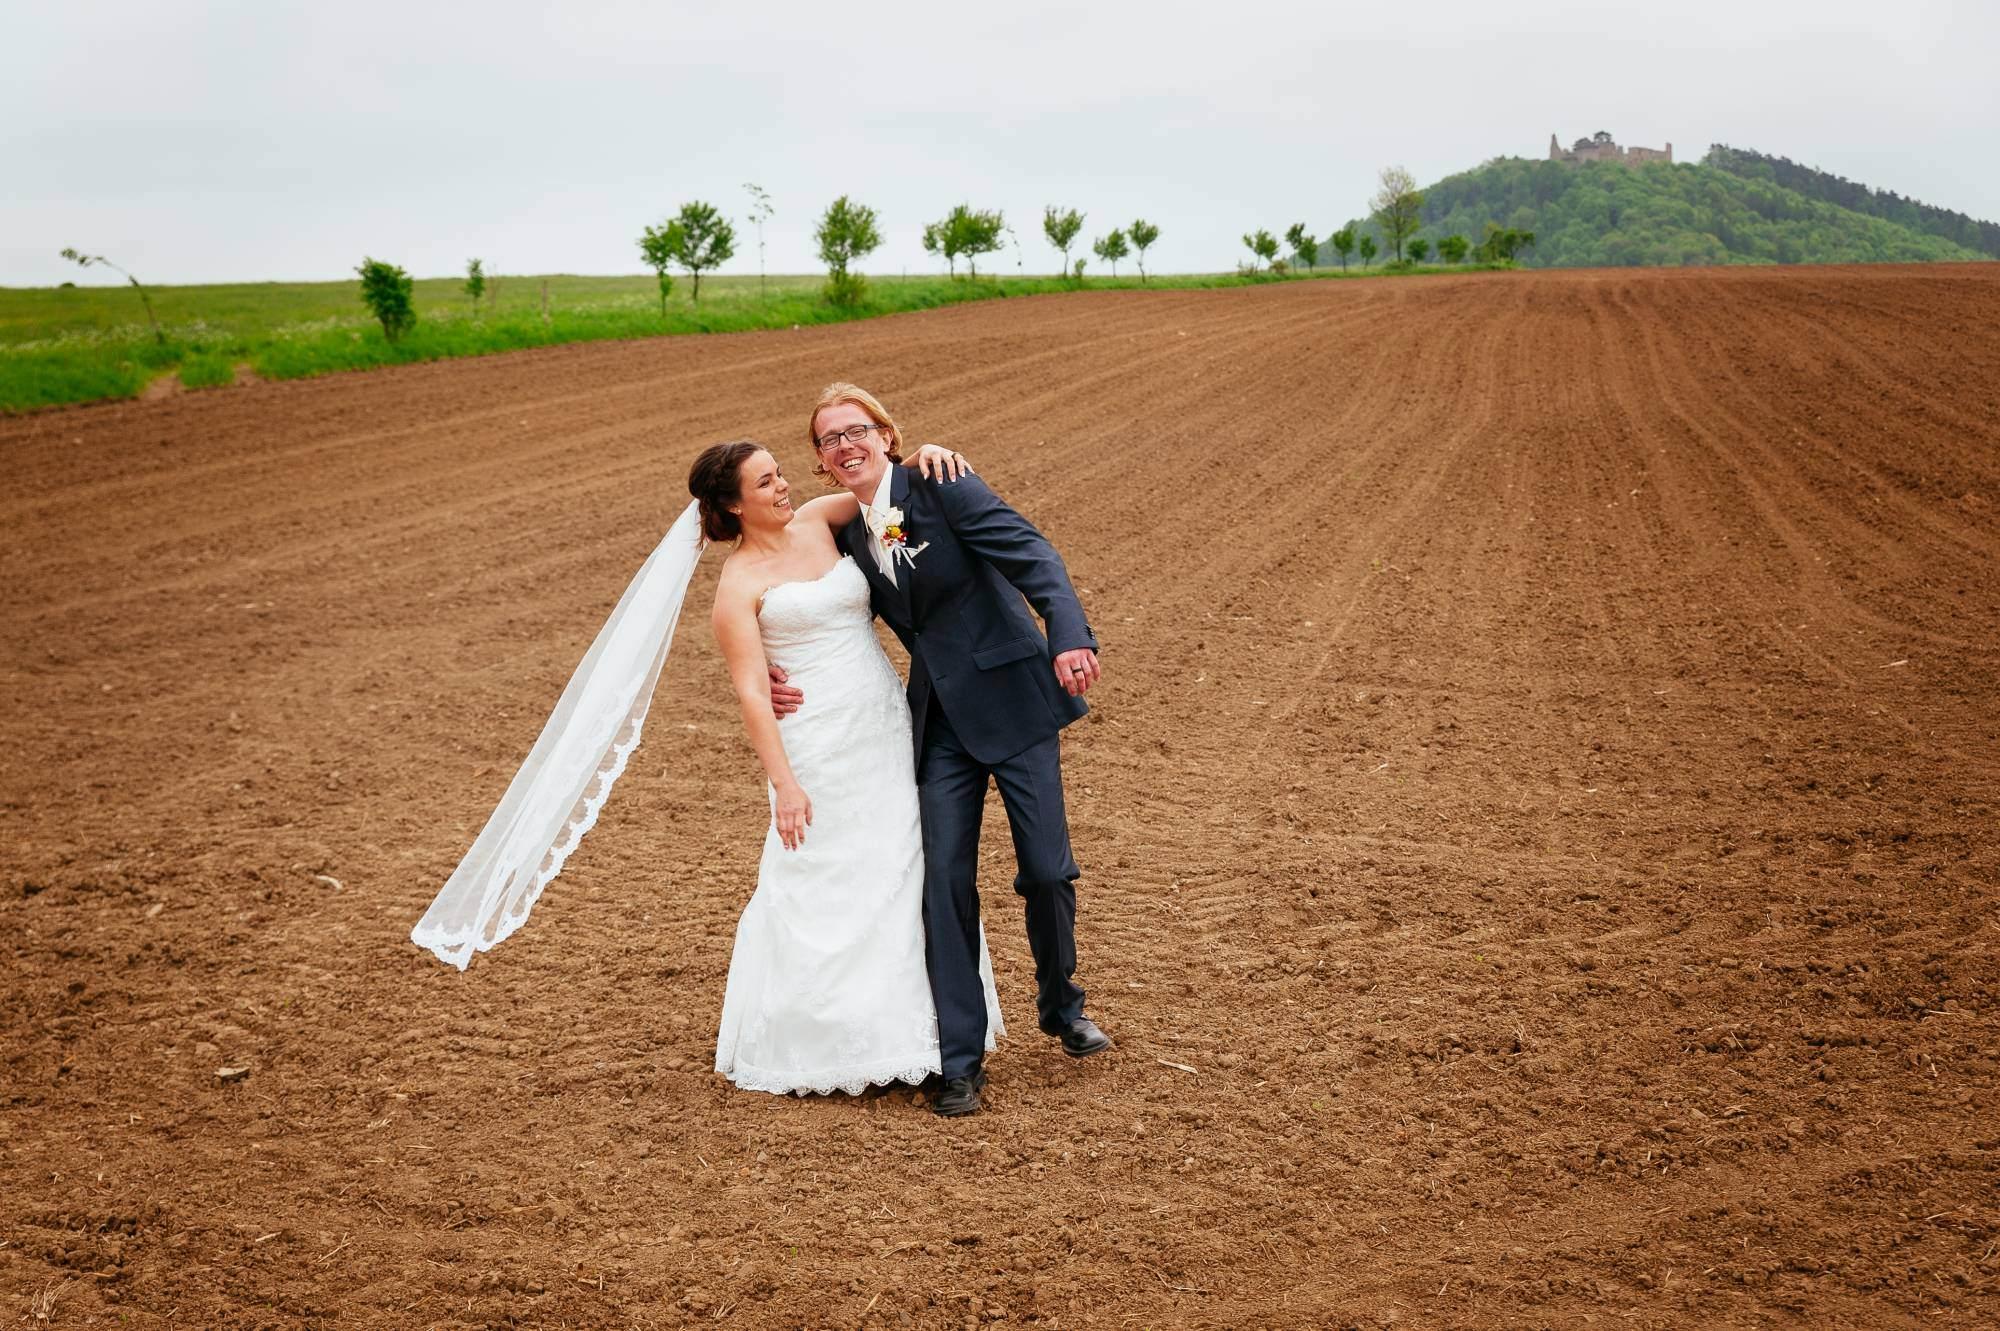 Svatební fotograf, Nový Jičín, Bernartice nad Odrou, Moravskoslezský kraj